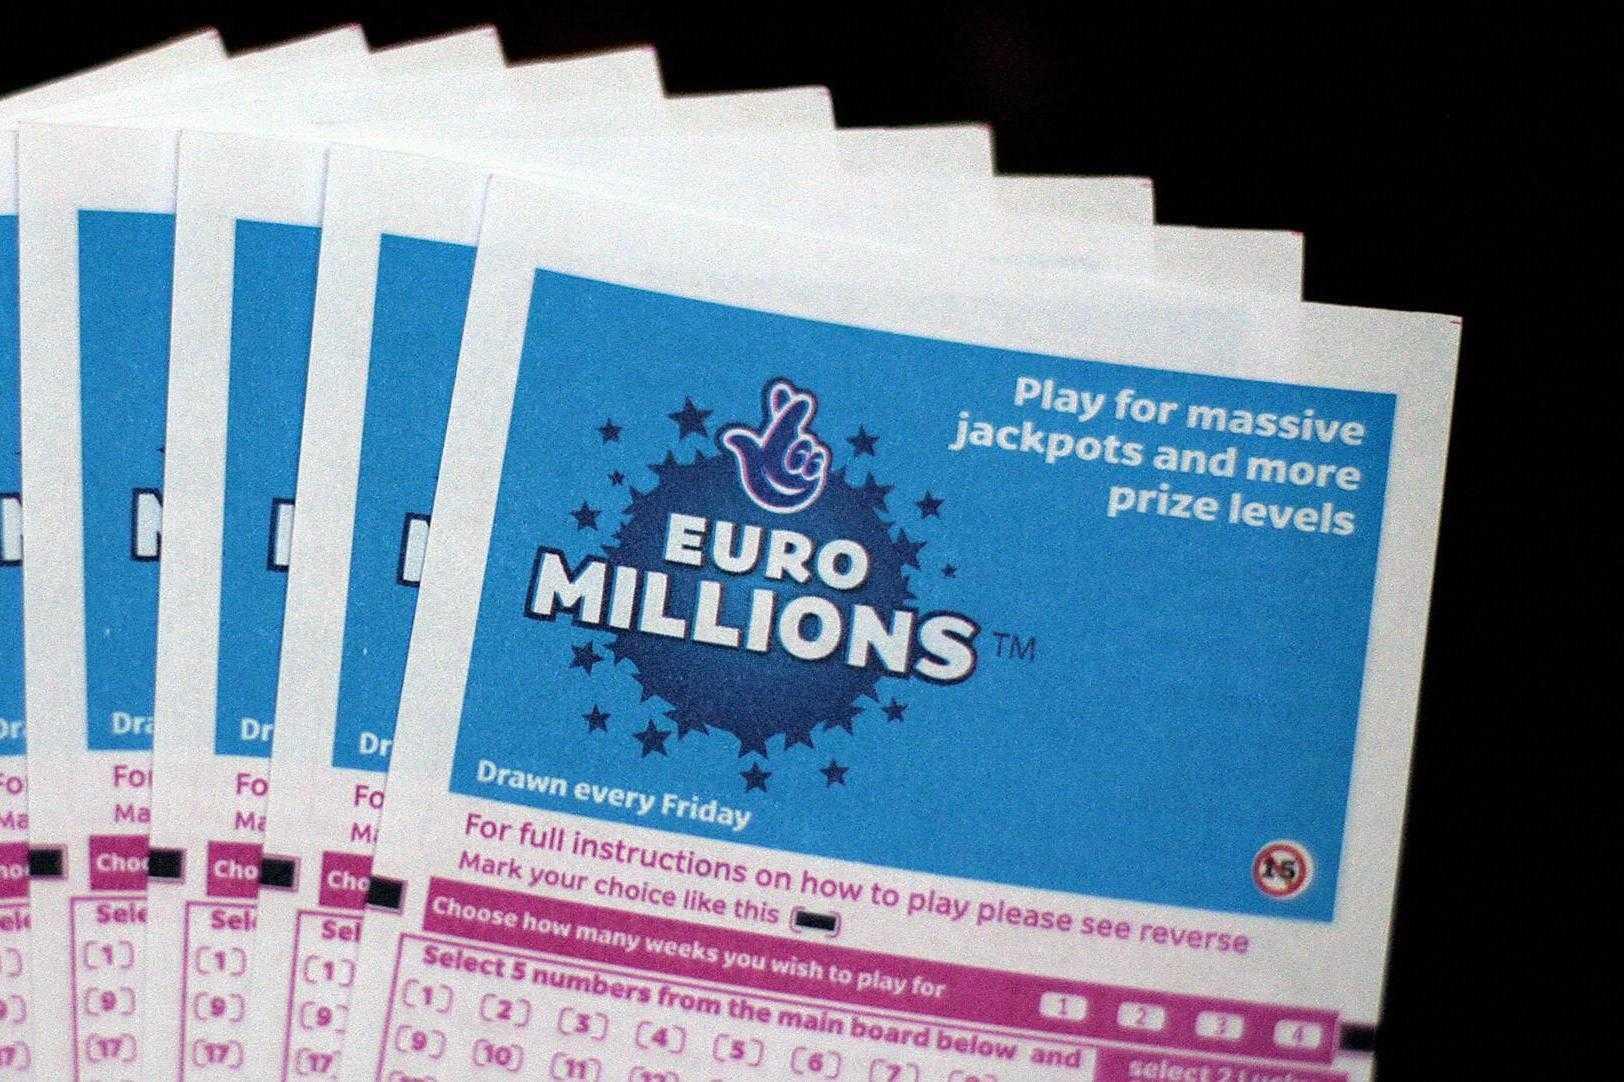 Quy tắc Euromillions | quy tắc và thông tin